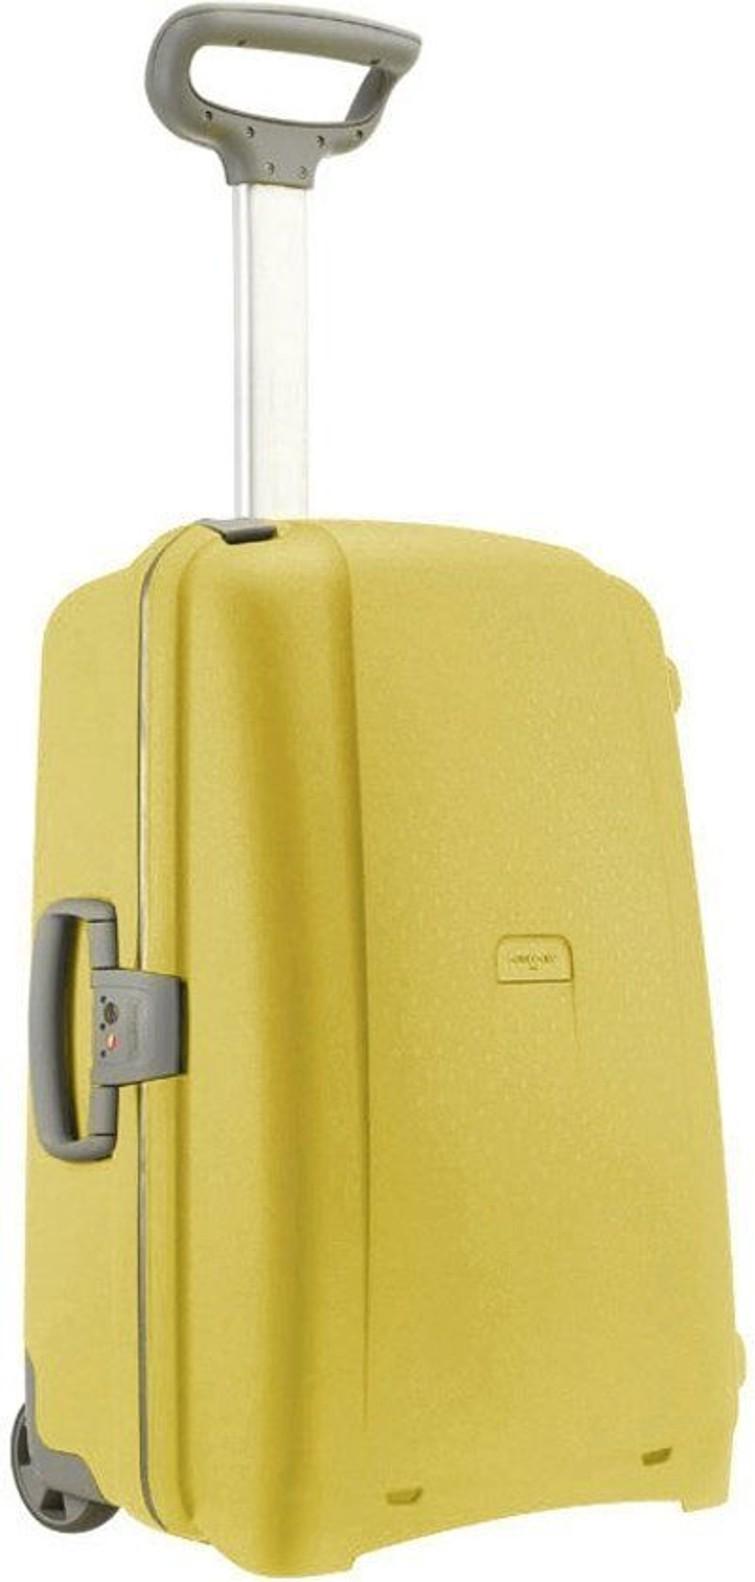 Samsonite koffer hardshell